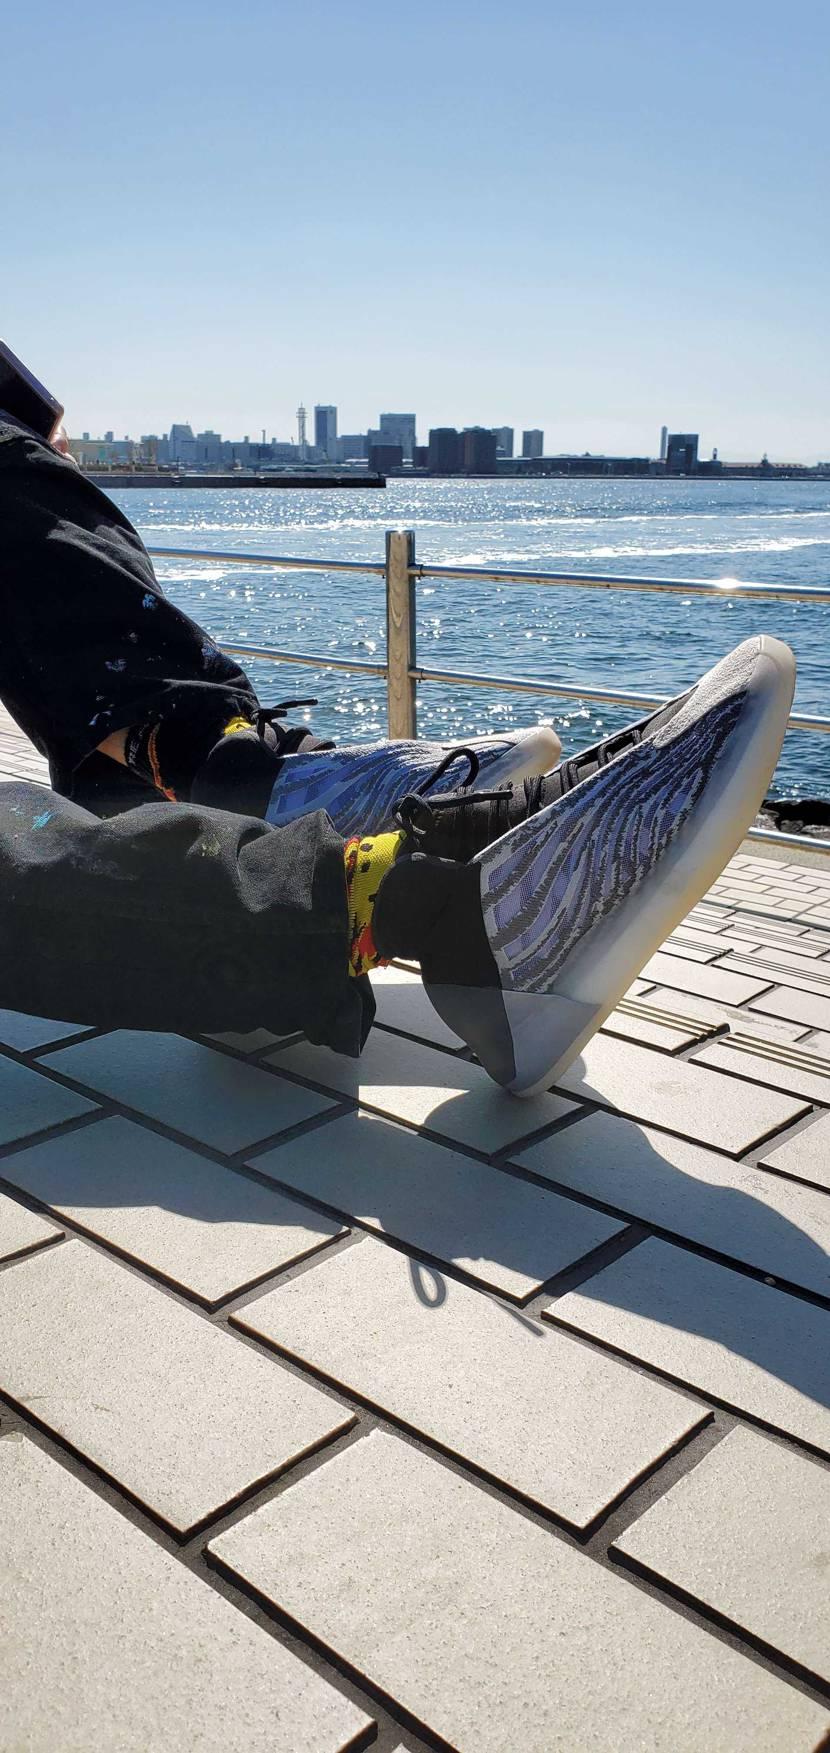 天気の良い日にYeezy☀️ #スニーカー好き #snkrdunk #スニーカー